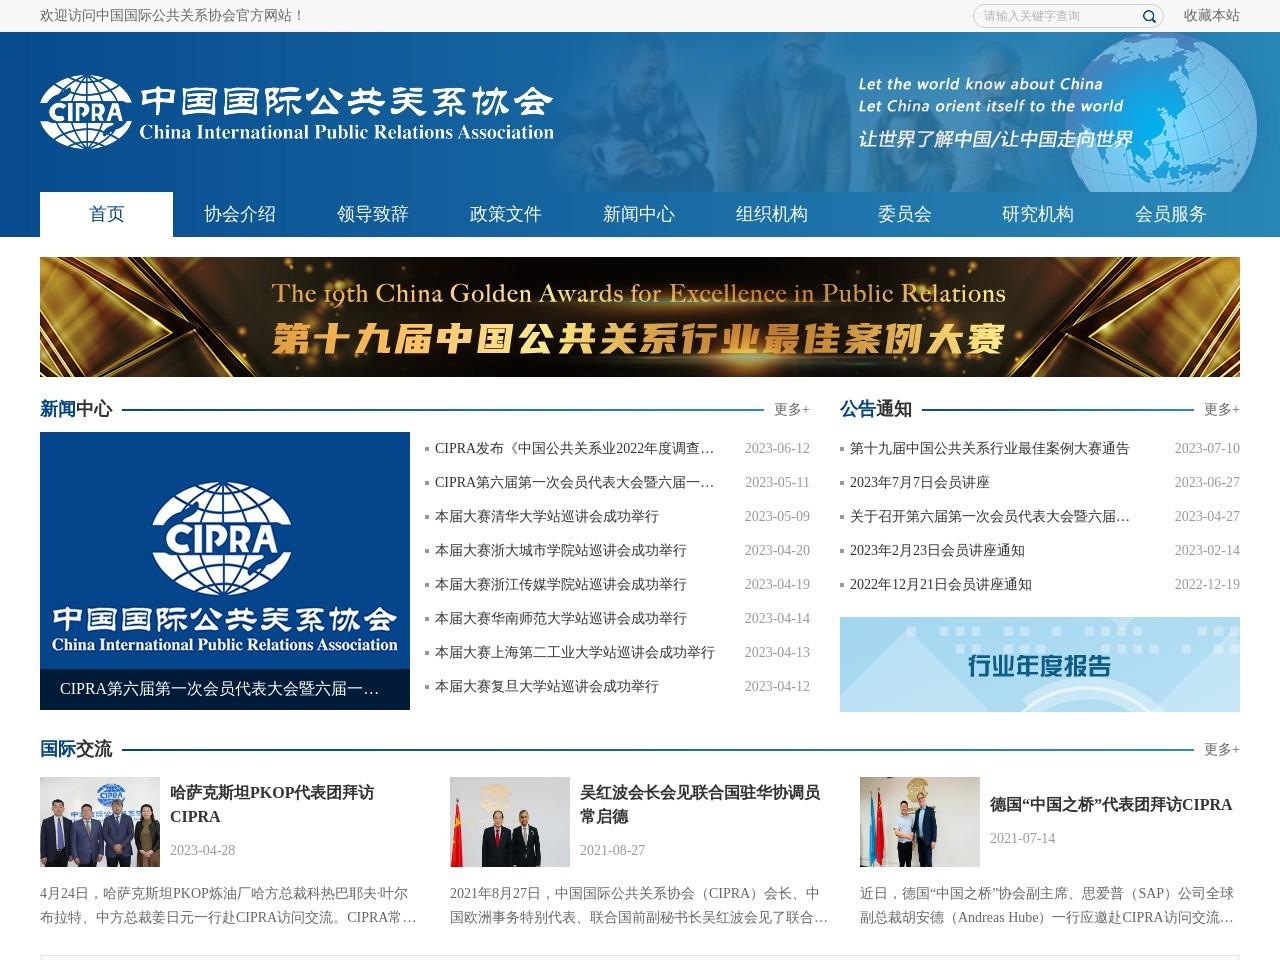 中国国际公共关系协会